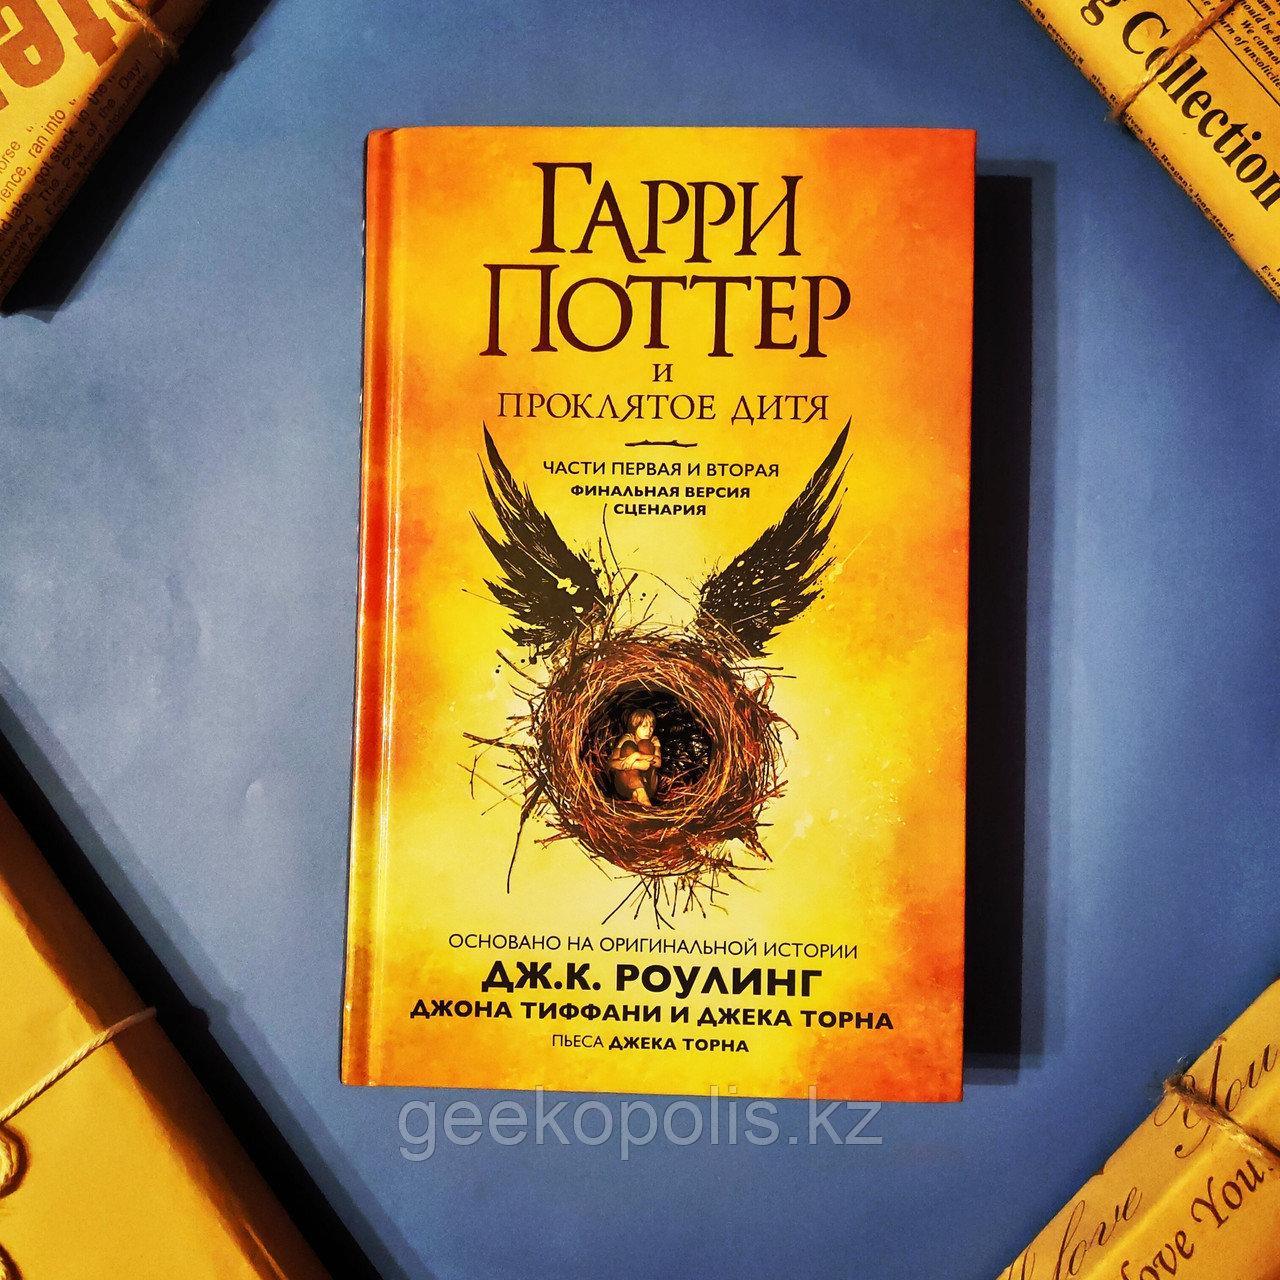 """Книга """"Гарри Поттер и проклятое дитя"""", Джоан Роулинг, Твердый переплет - фото 2"""